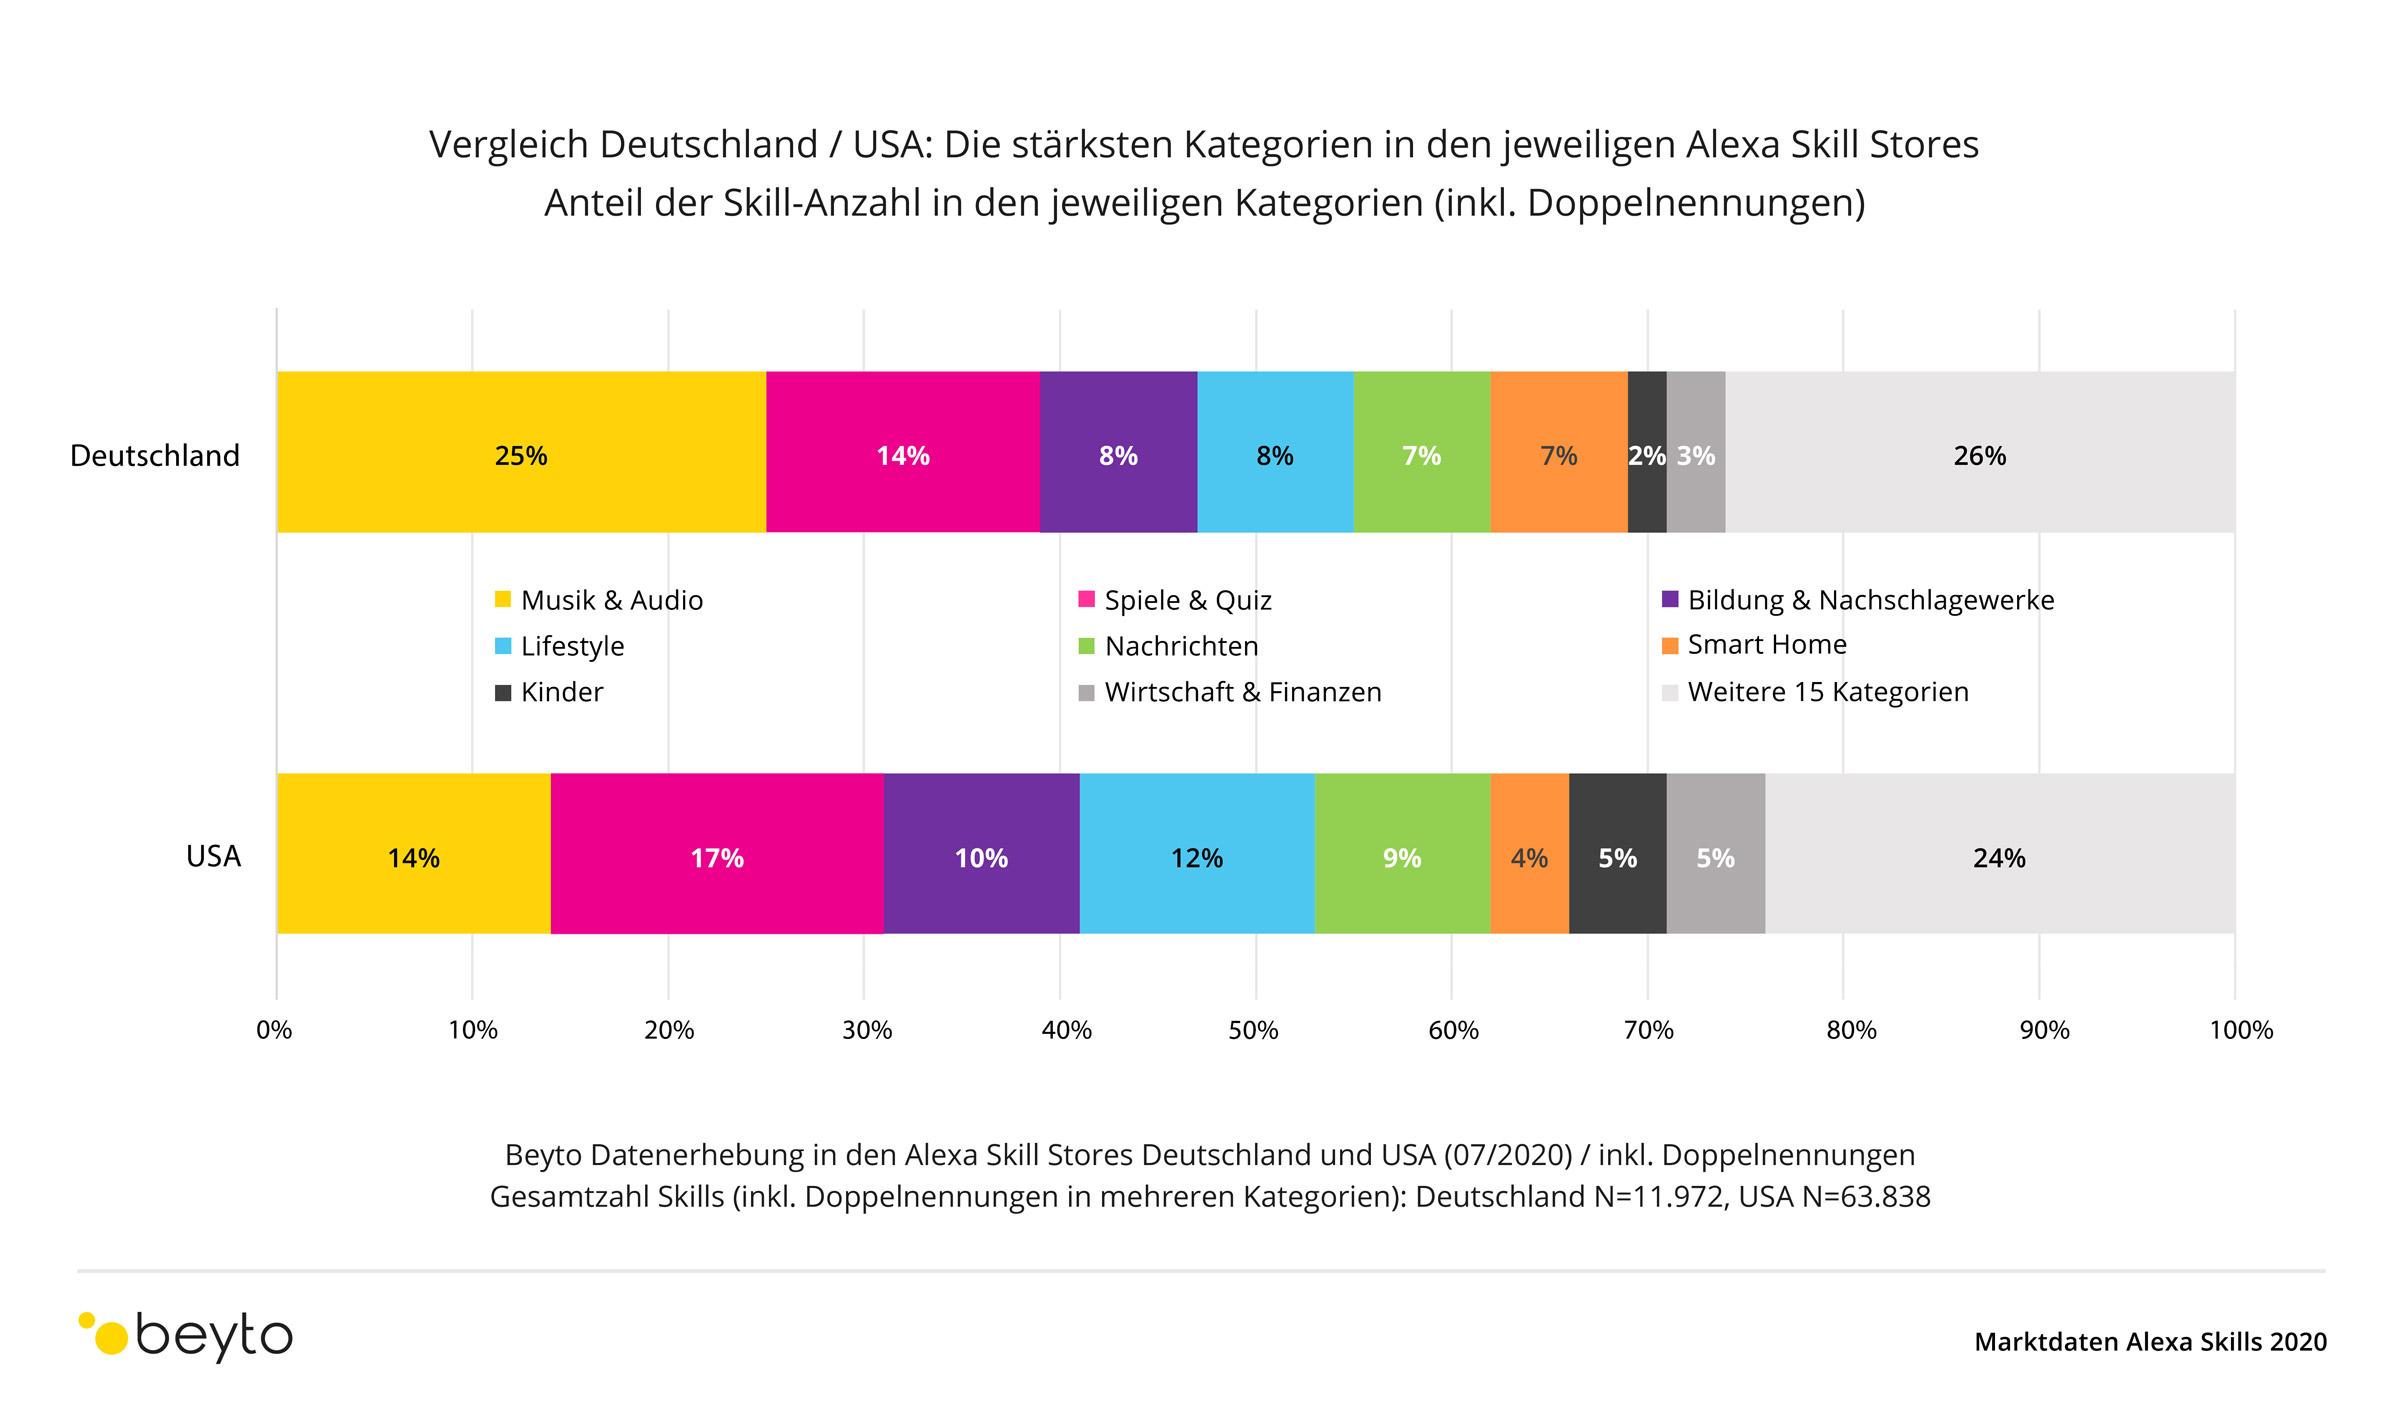 Gesamtstruktur der Alexa Skill Stores in Deutschland und den USA